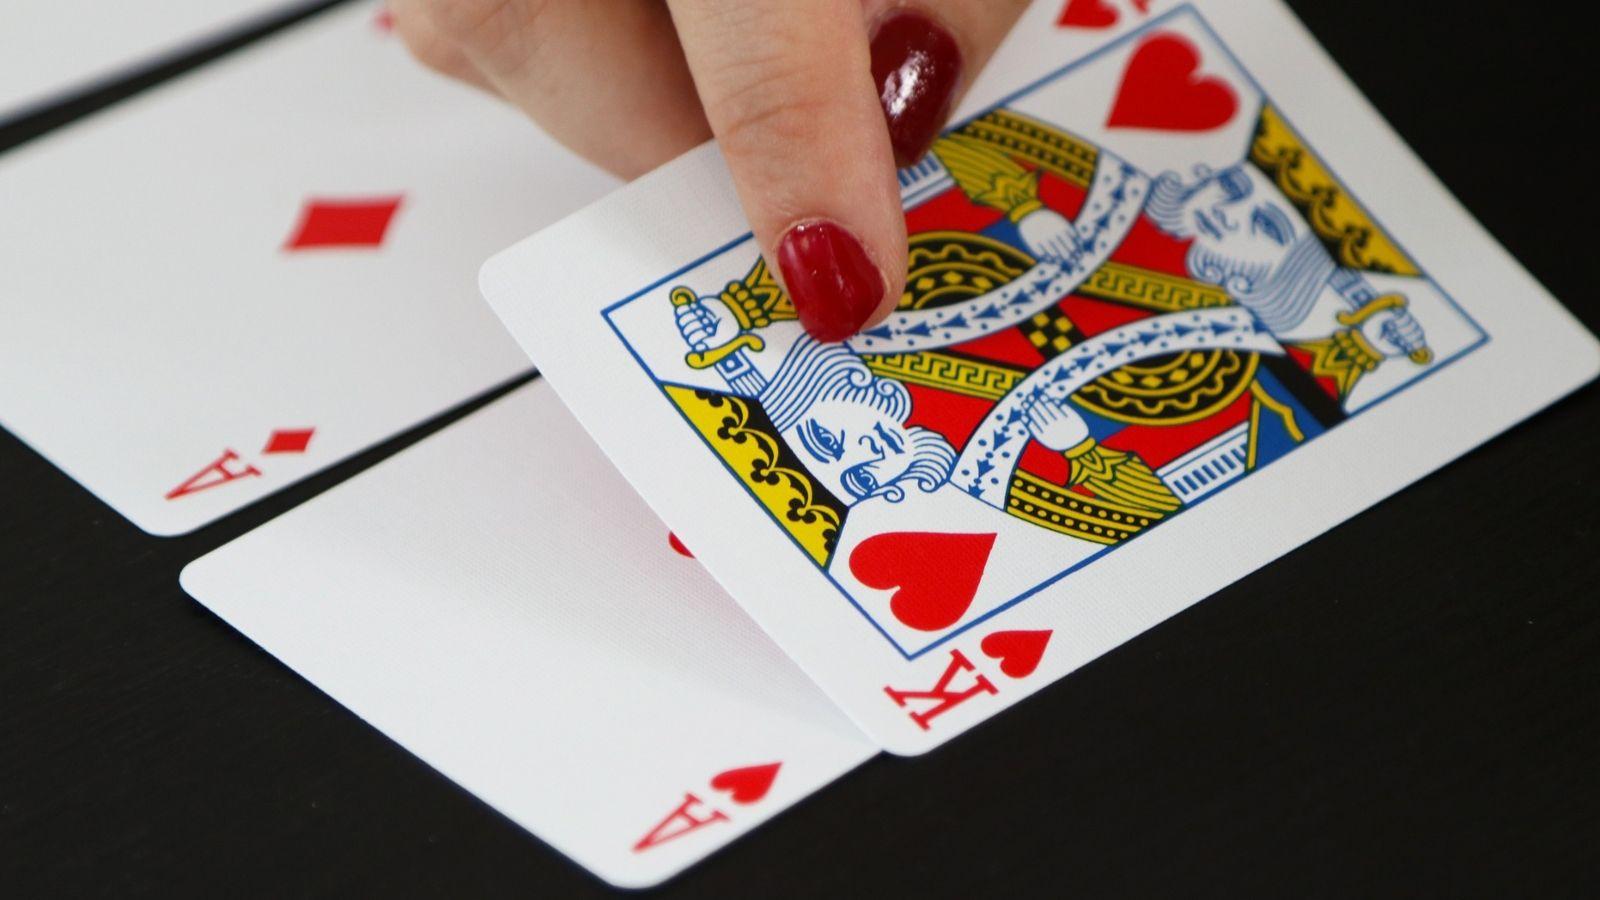 ما تفسير الحلم بالملك في المنام Cards Playing Cards